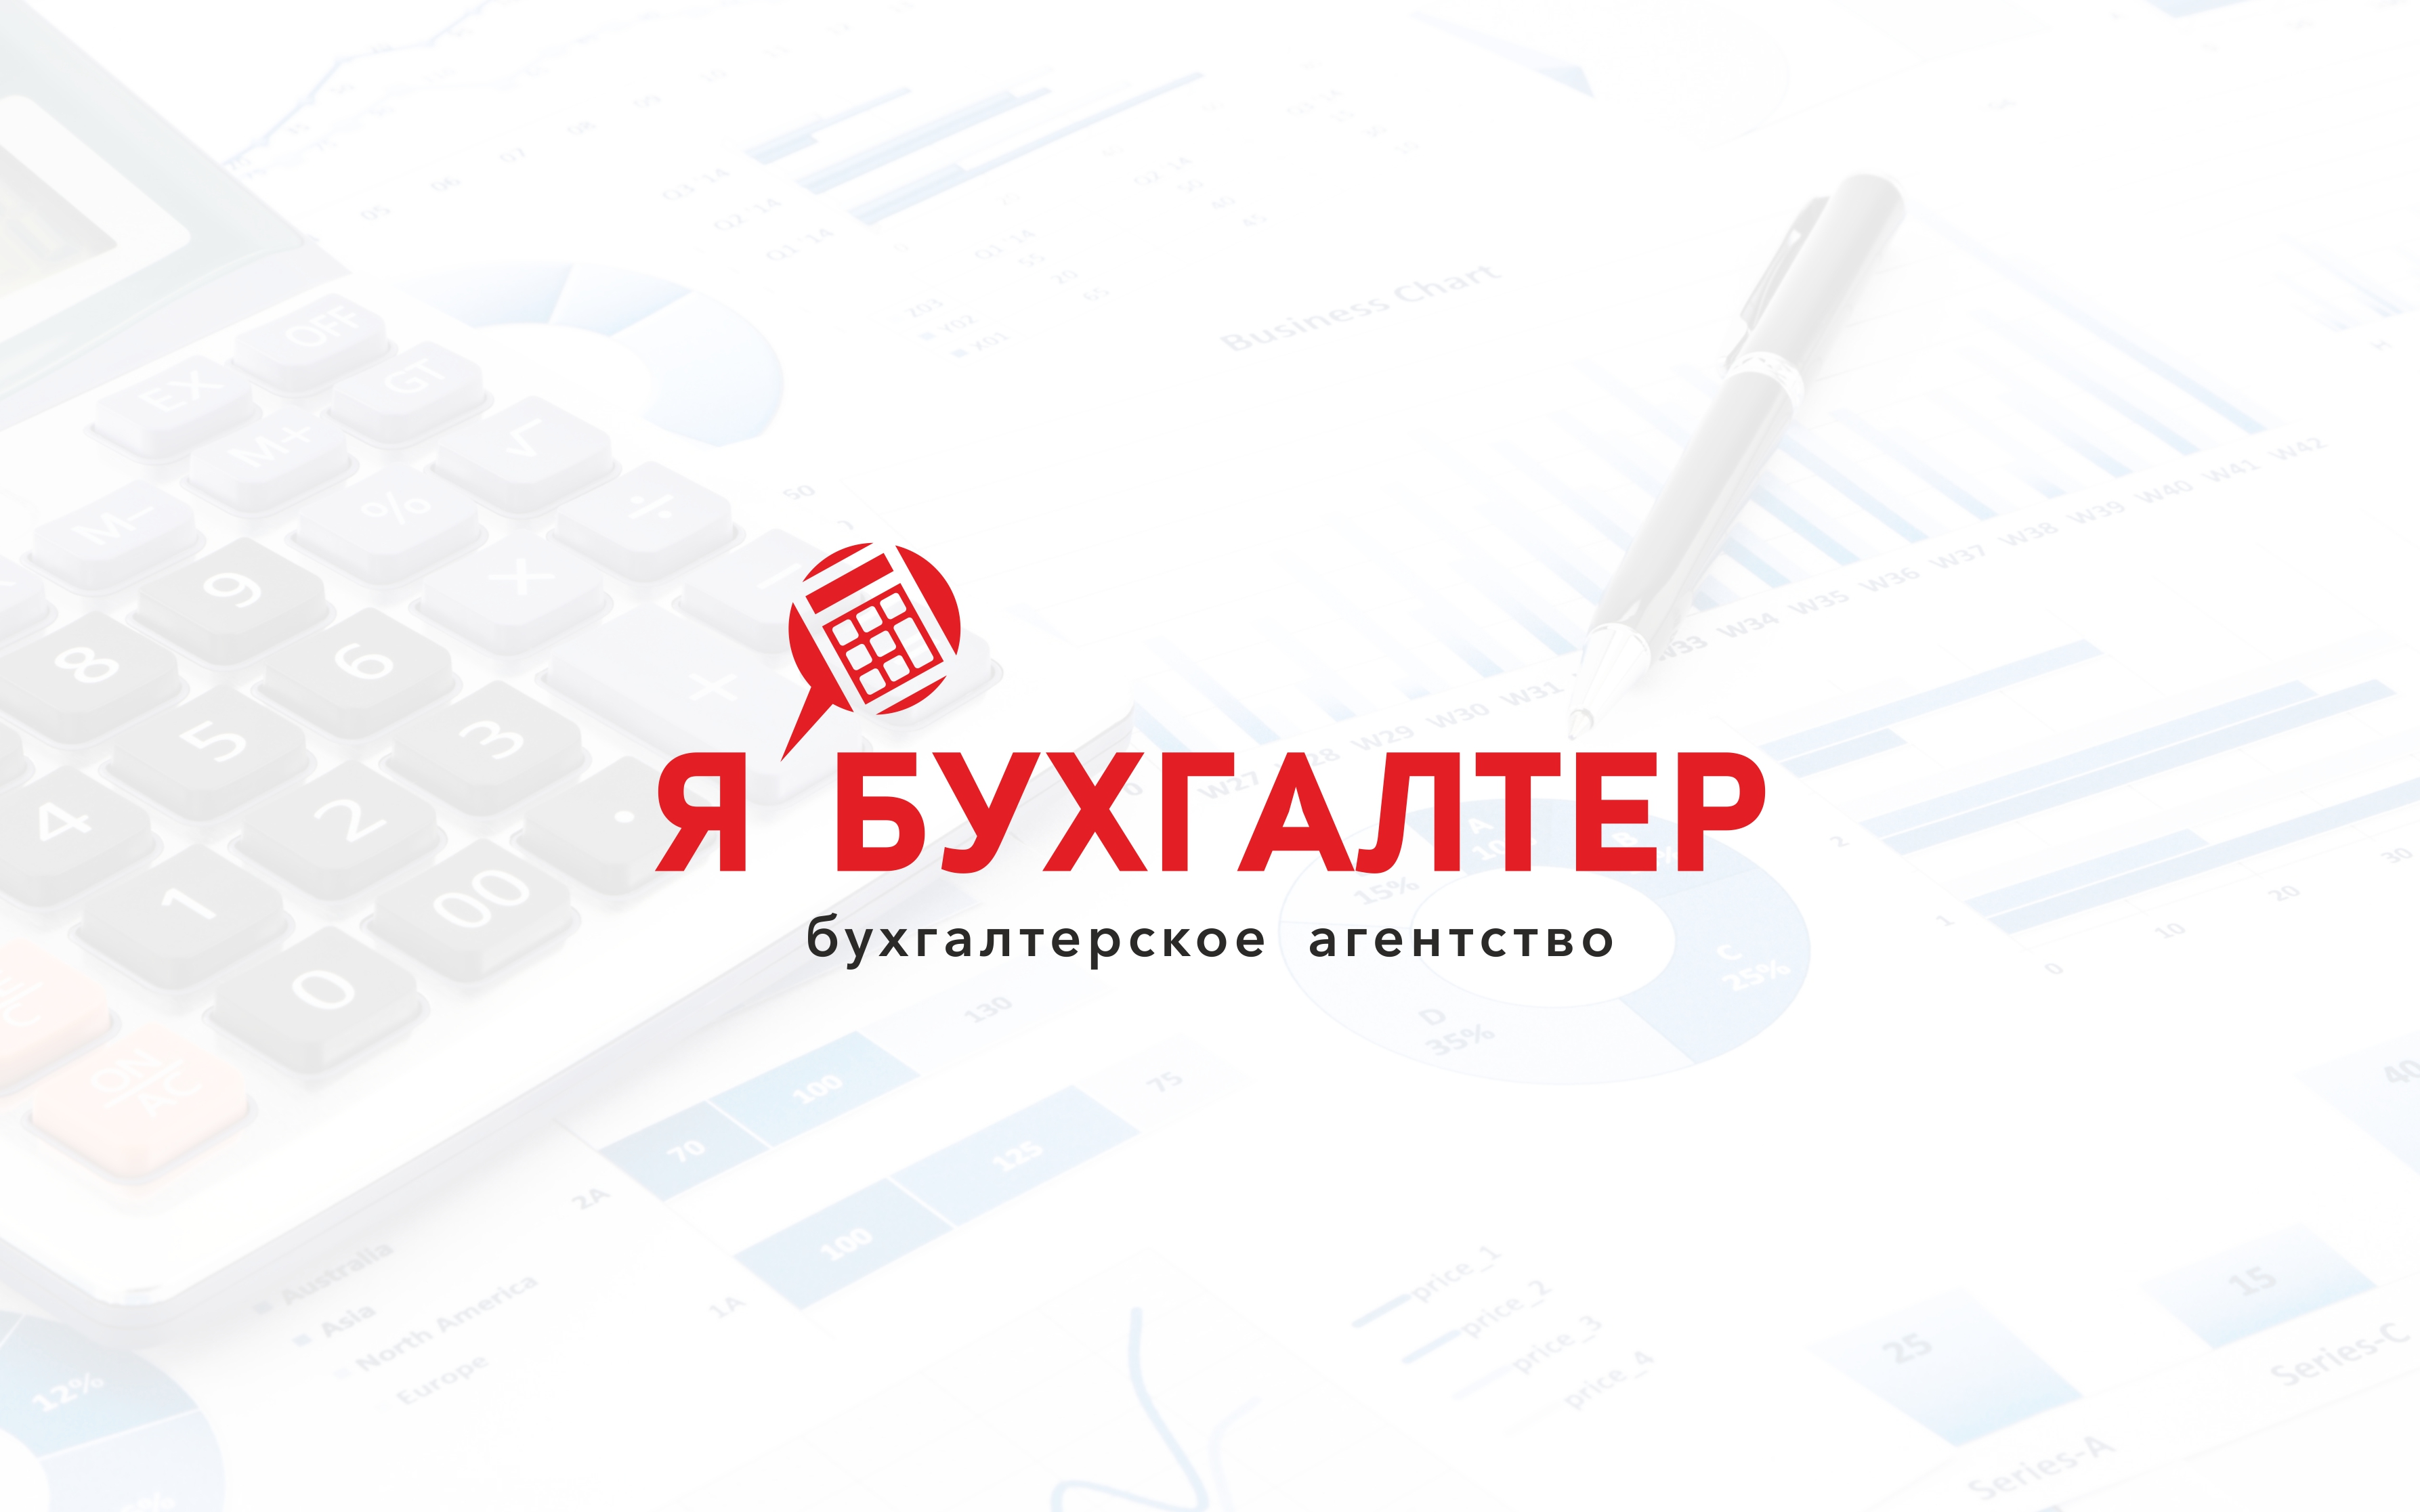 Бухгалтерский услуги в пушкин вакансии белгородская область бухгалтер